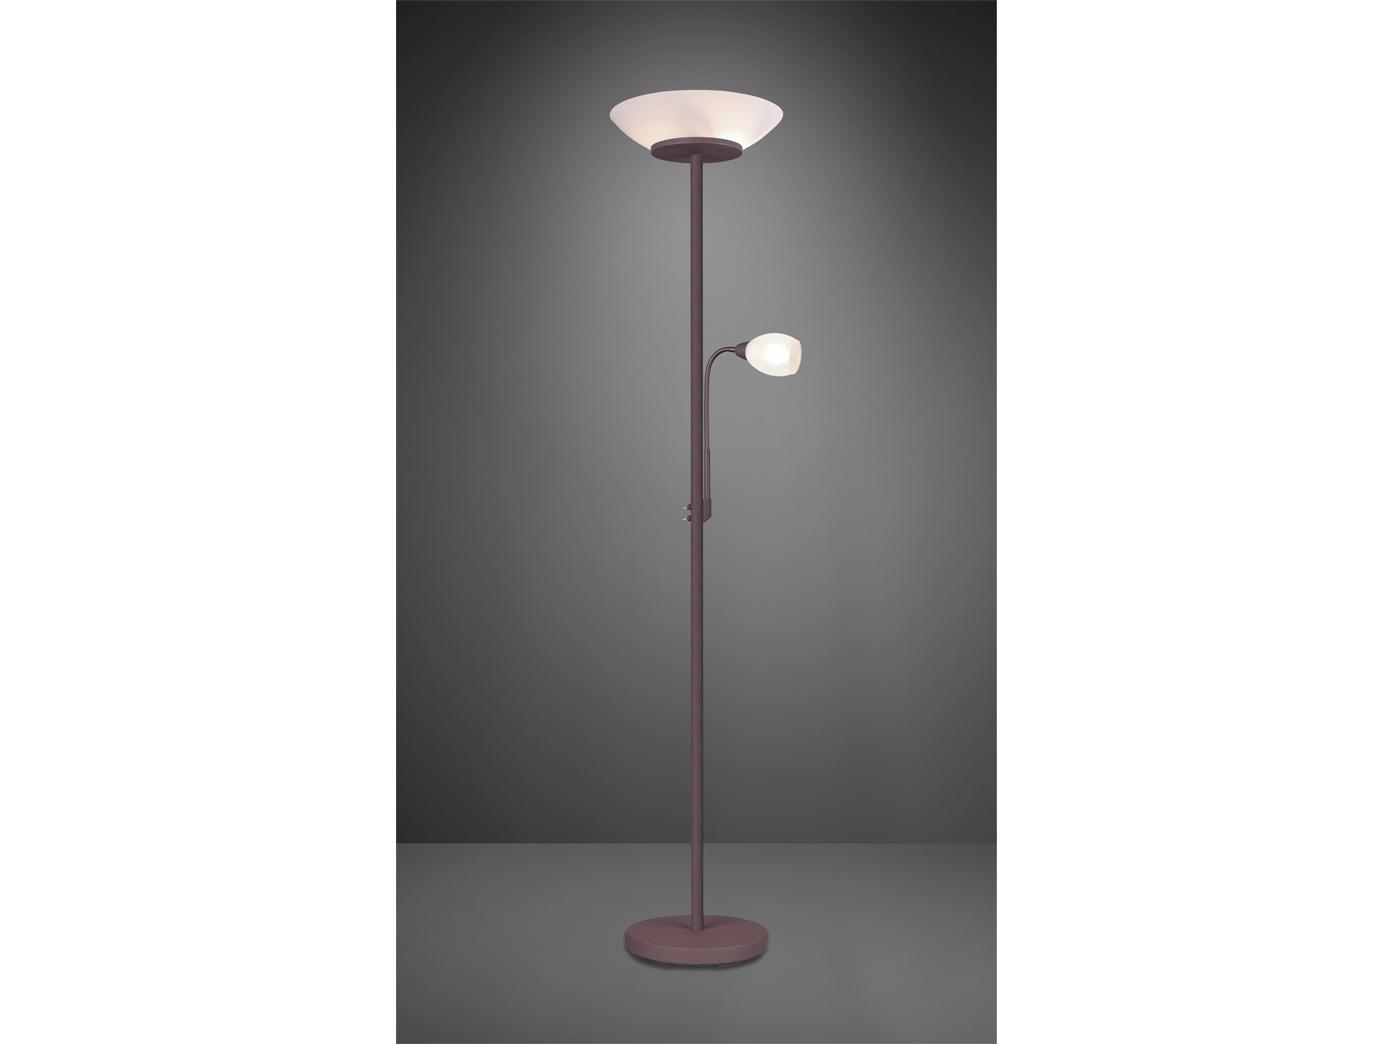 Stehlampe Mit Deckenfluter Flex Lesearm Getrennt Schaltbar In